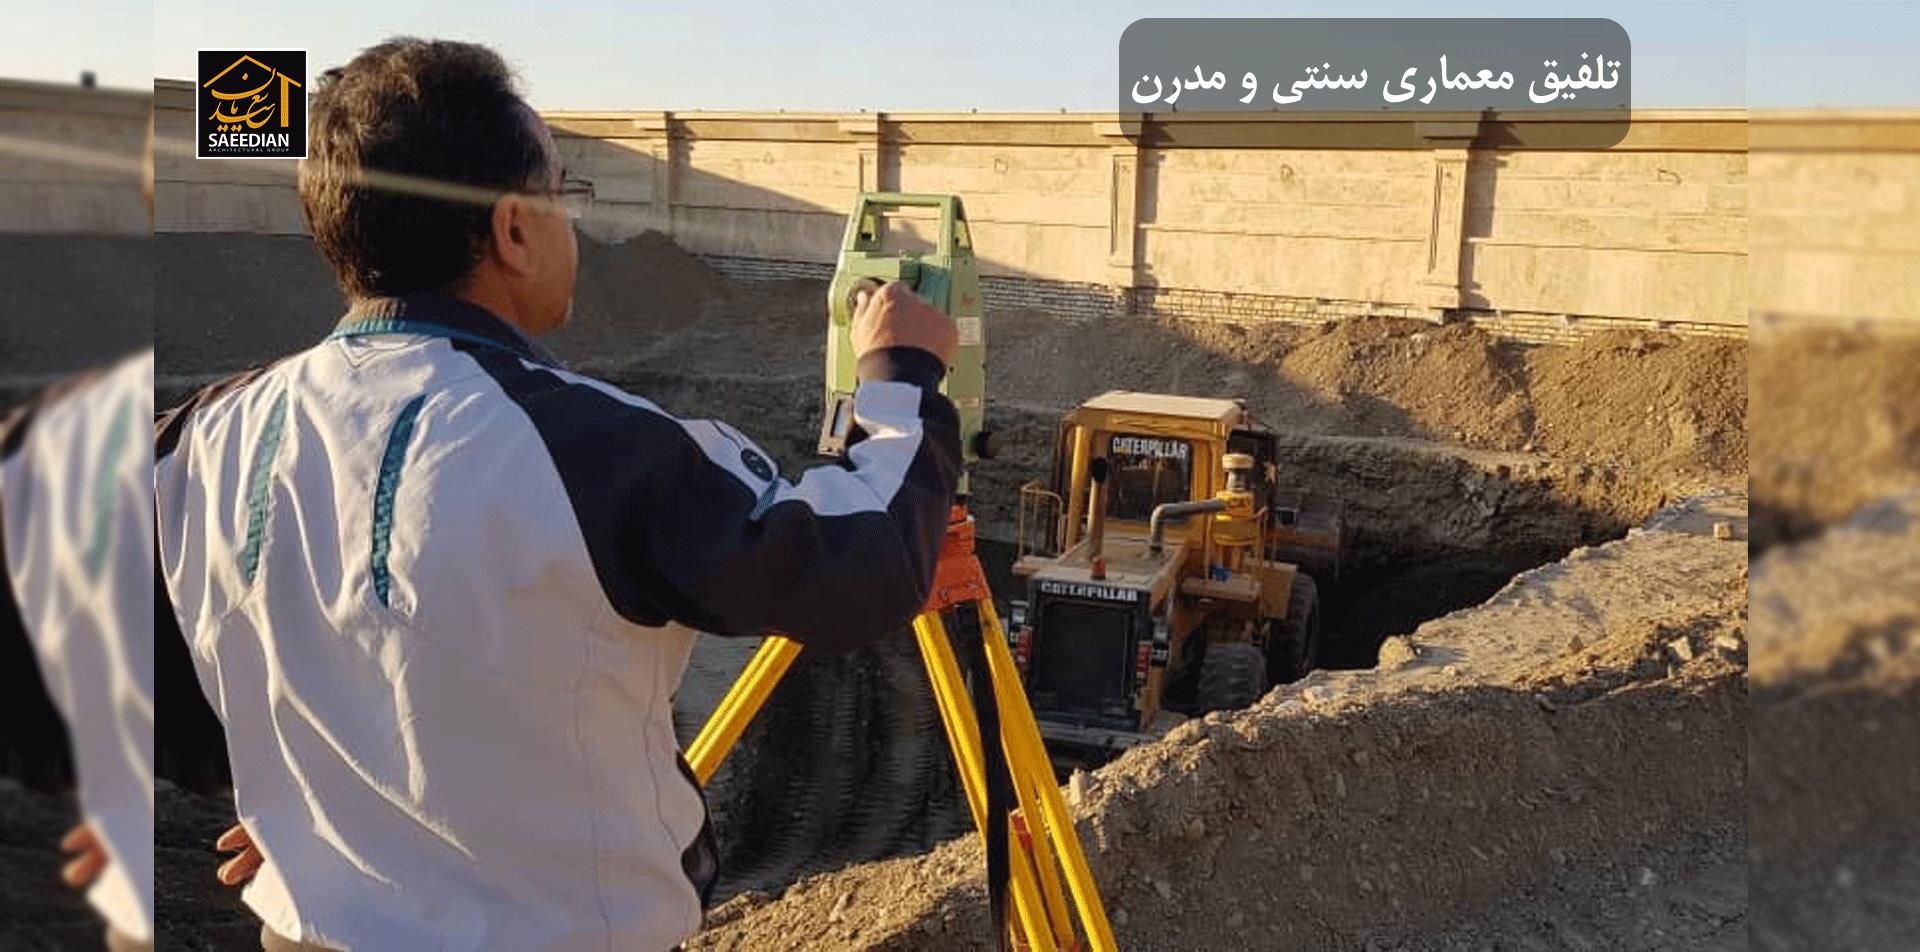 ساخت و ساز ساختمان در مشهد